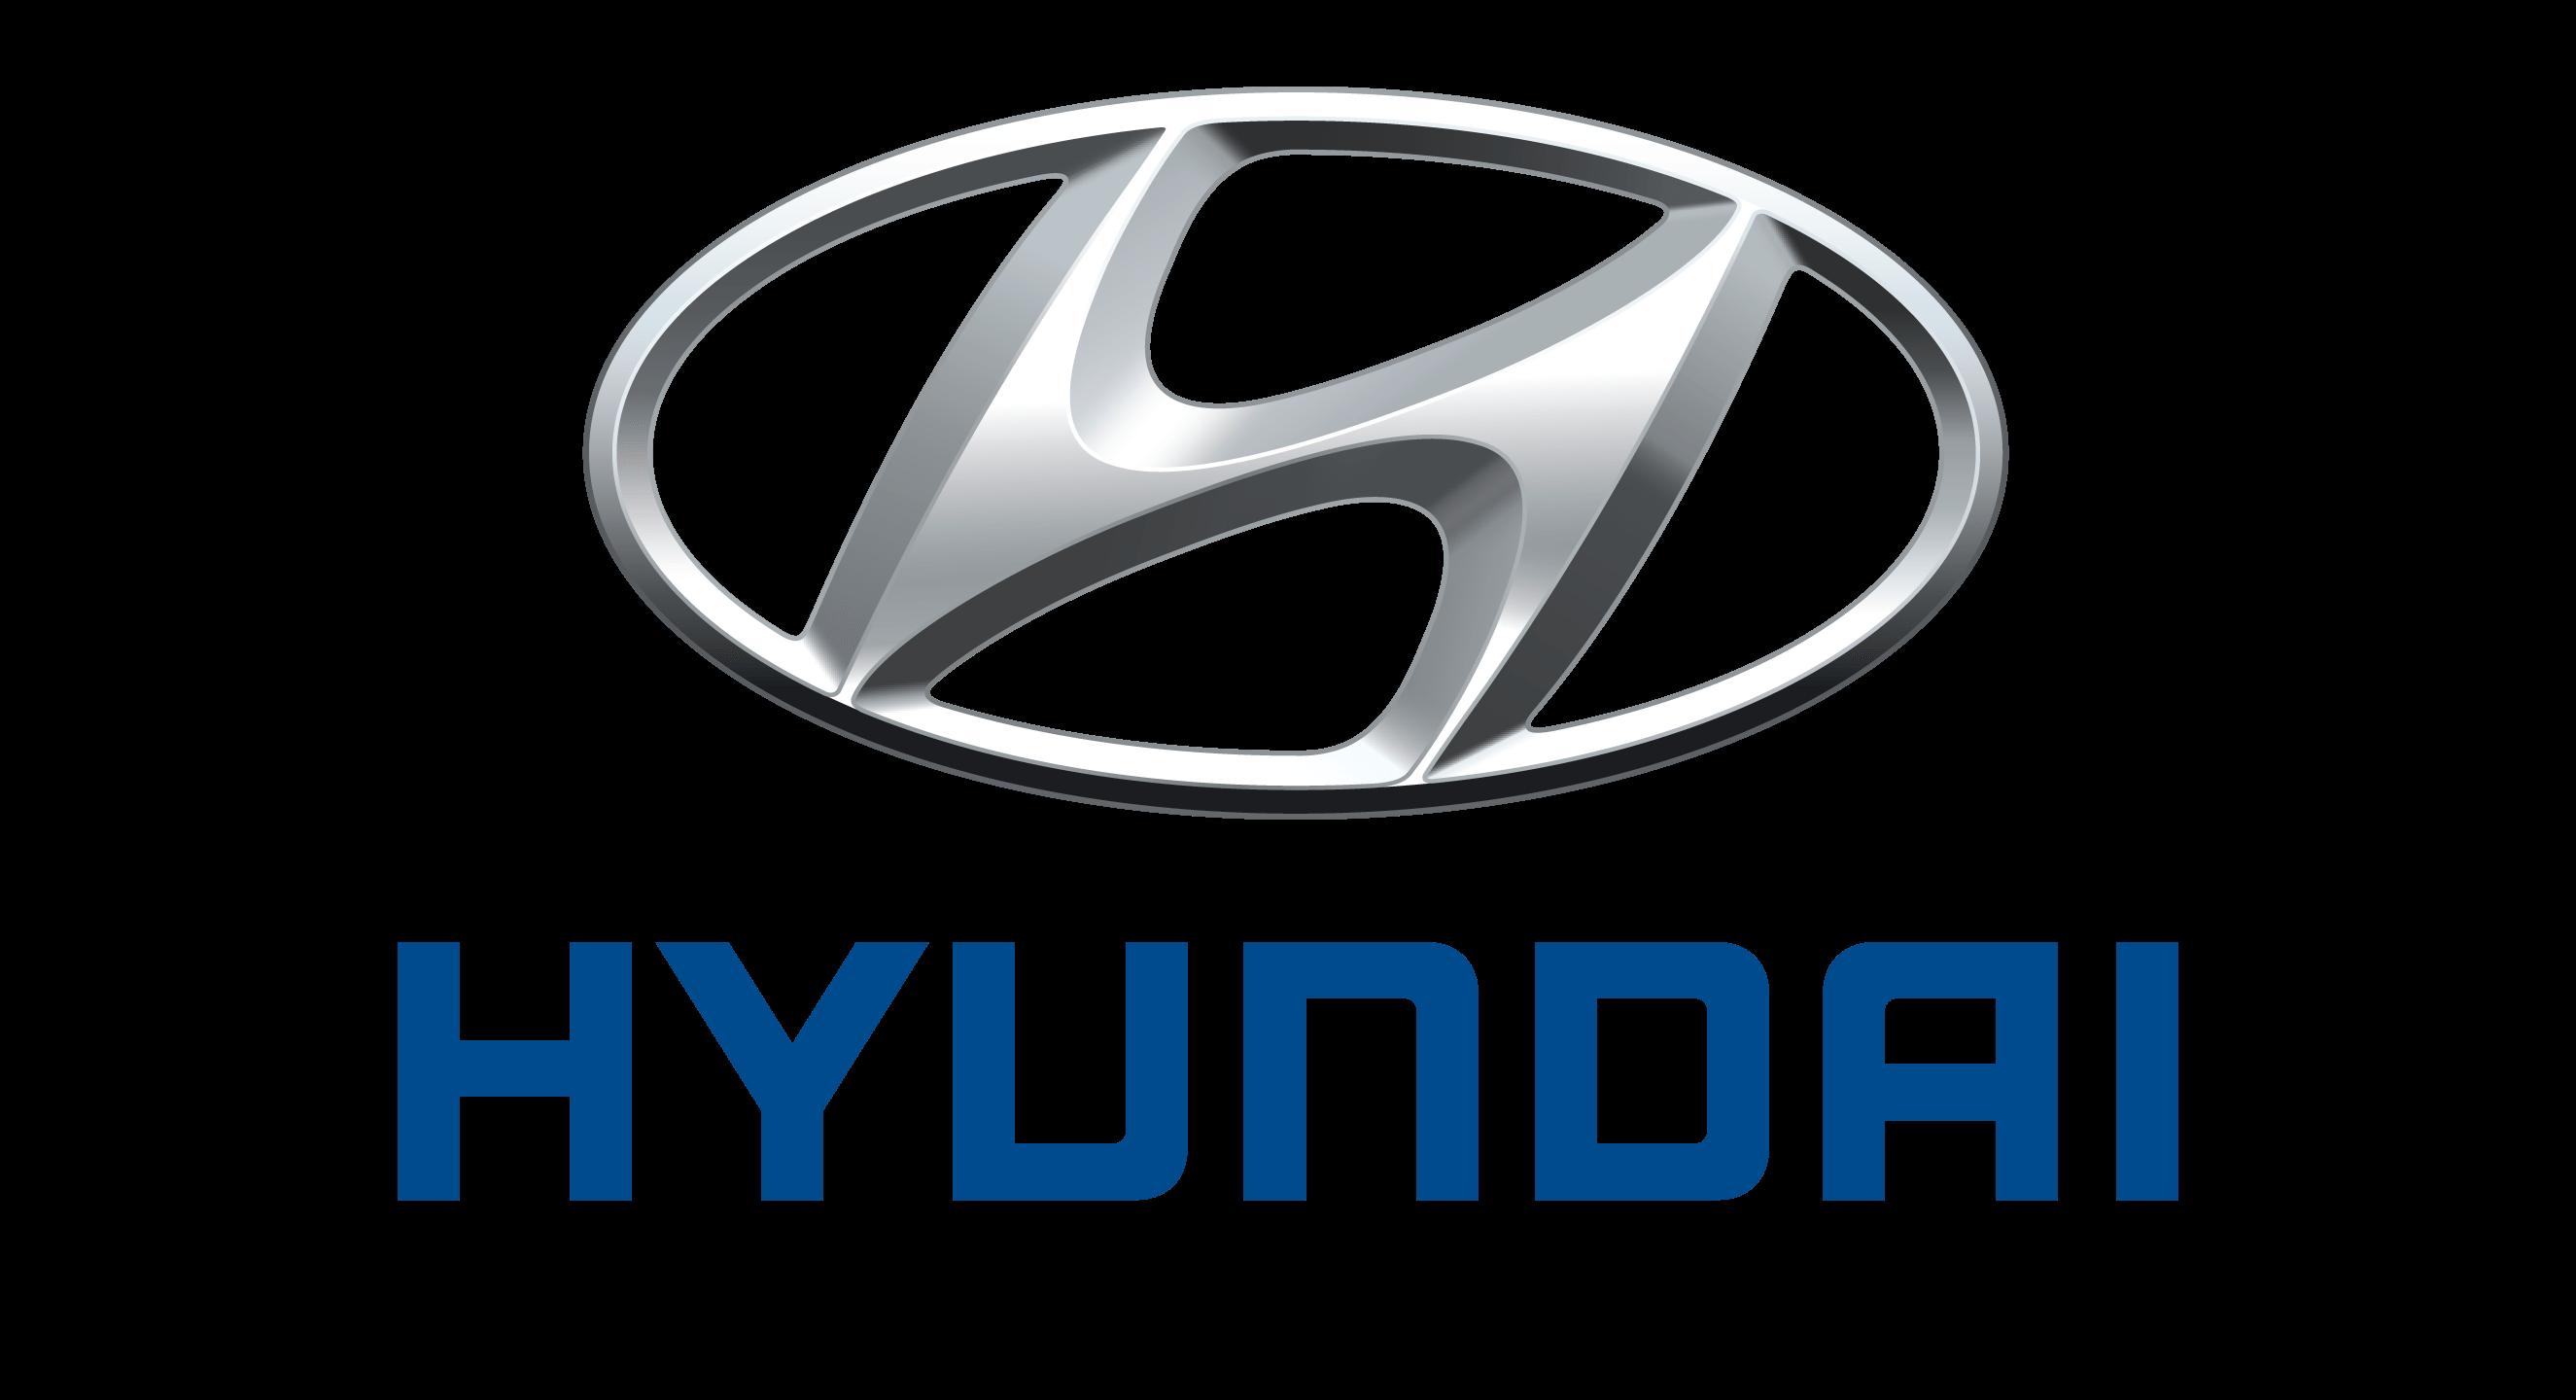 Car Logo Hyundai - Car Logo PNG